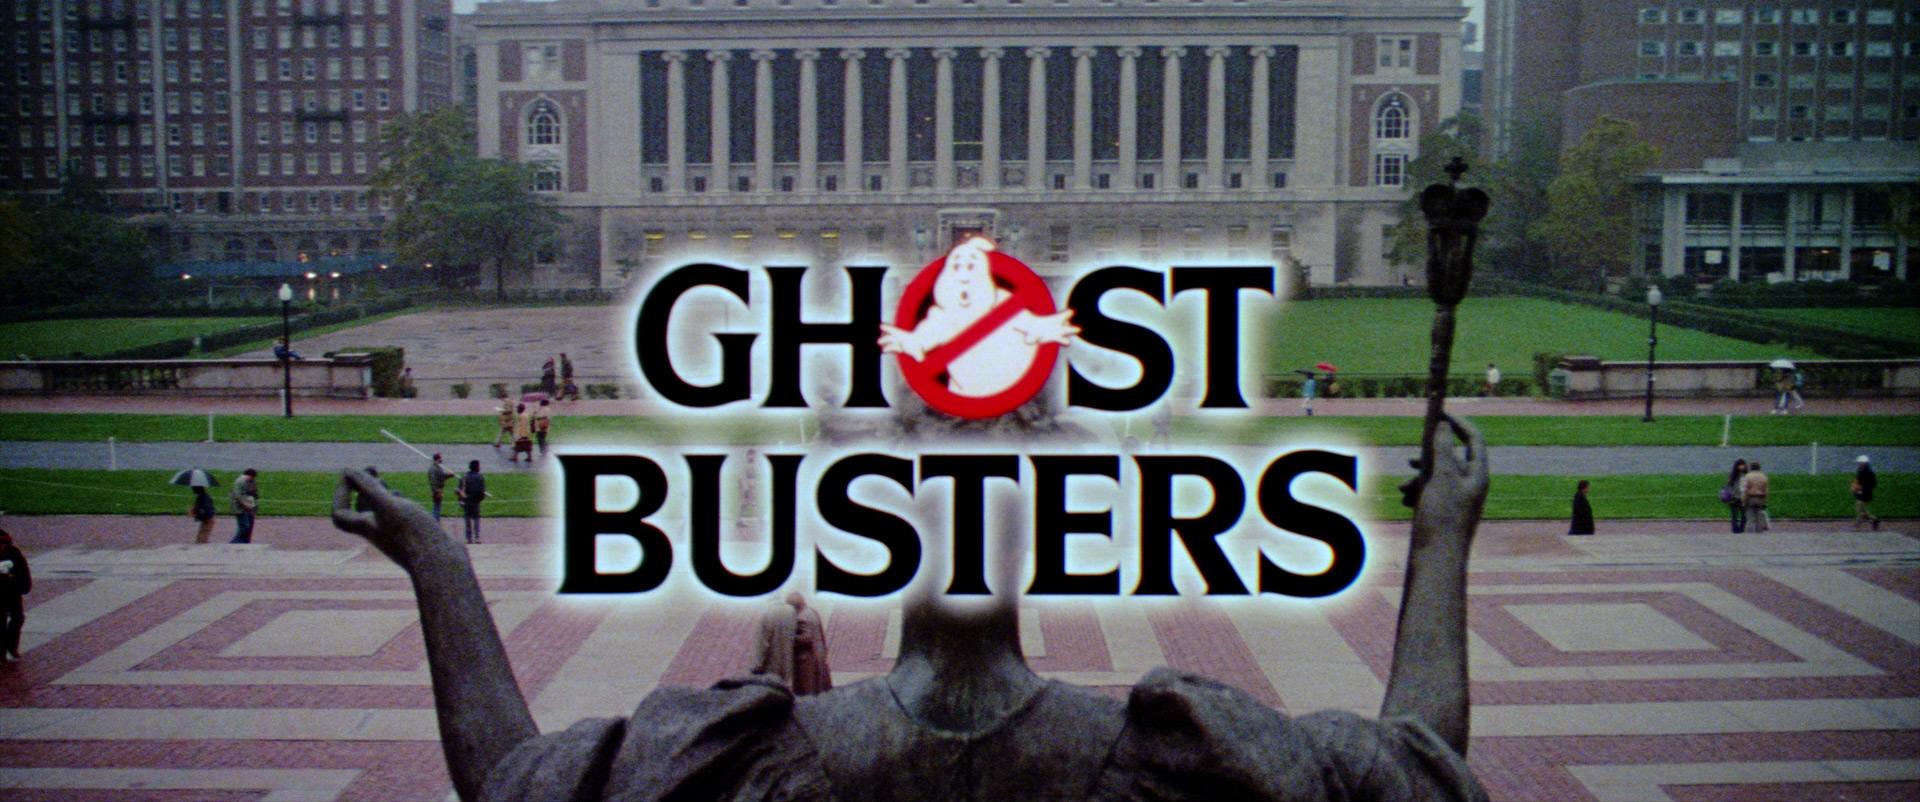 映画「ゴーストバスターズ」がフルで無料視聴できる動画配信サービス。HuluやNetflixで観れる?